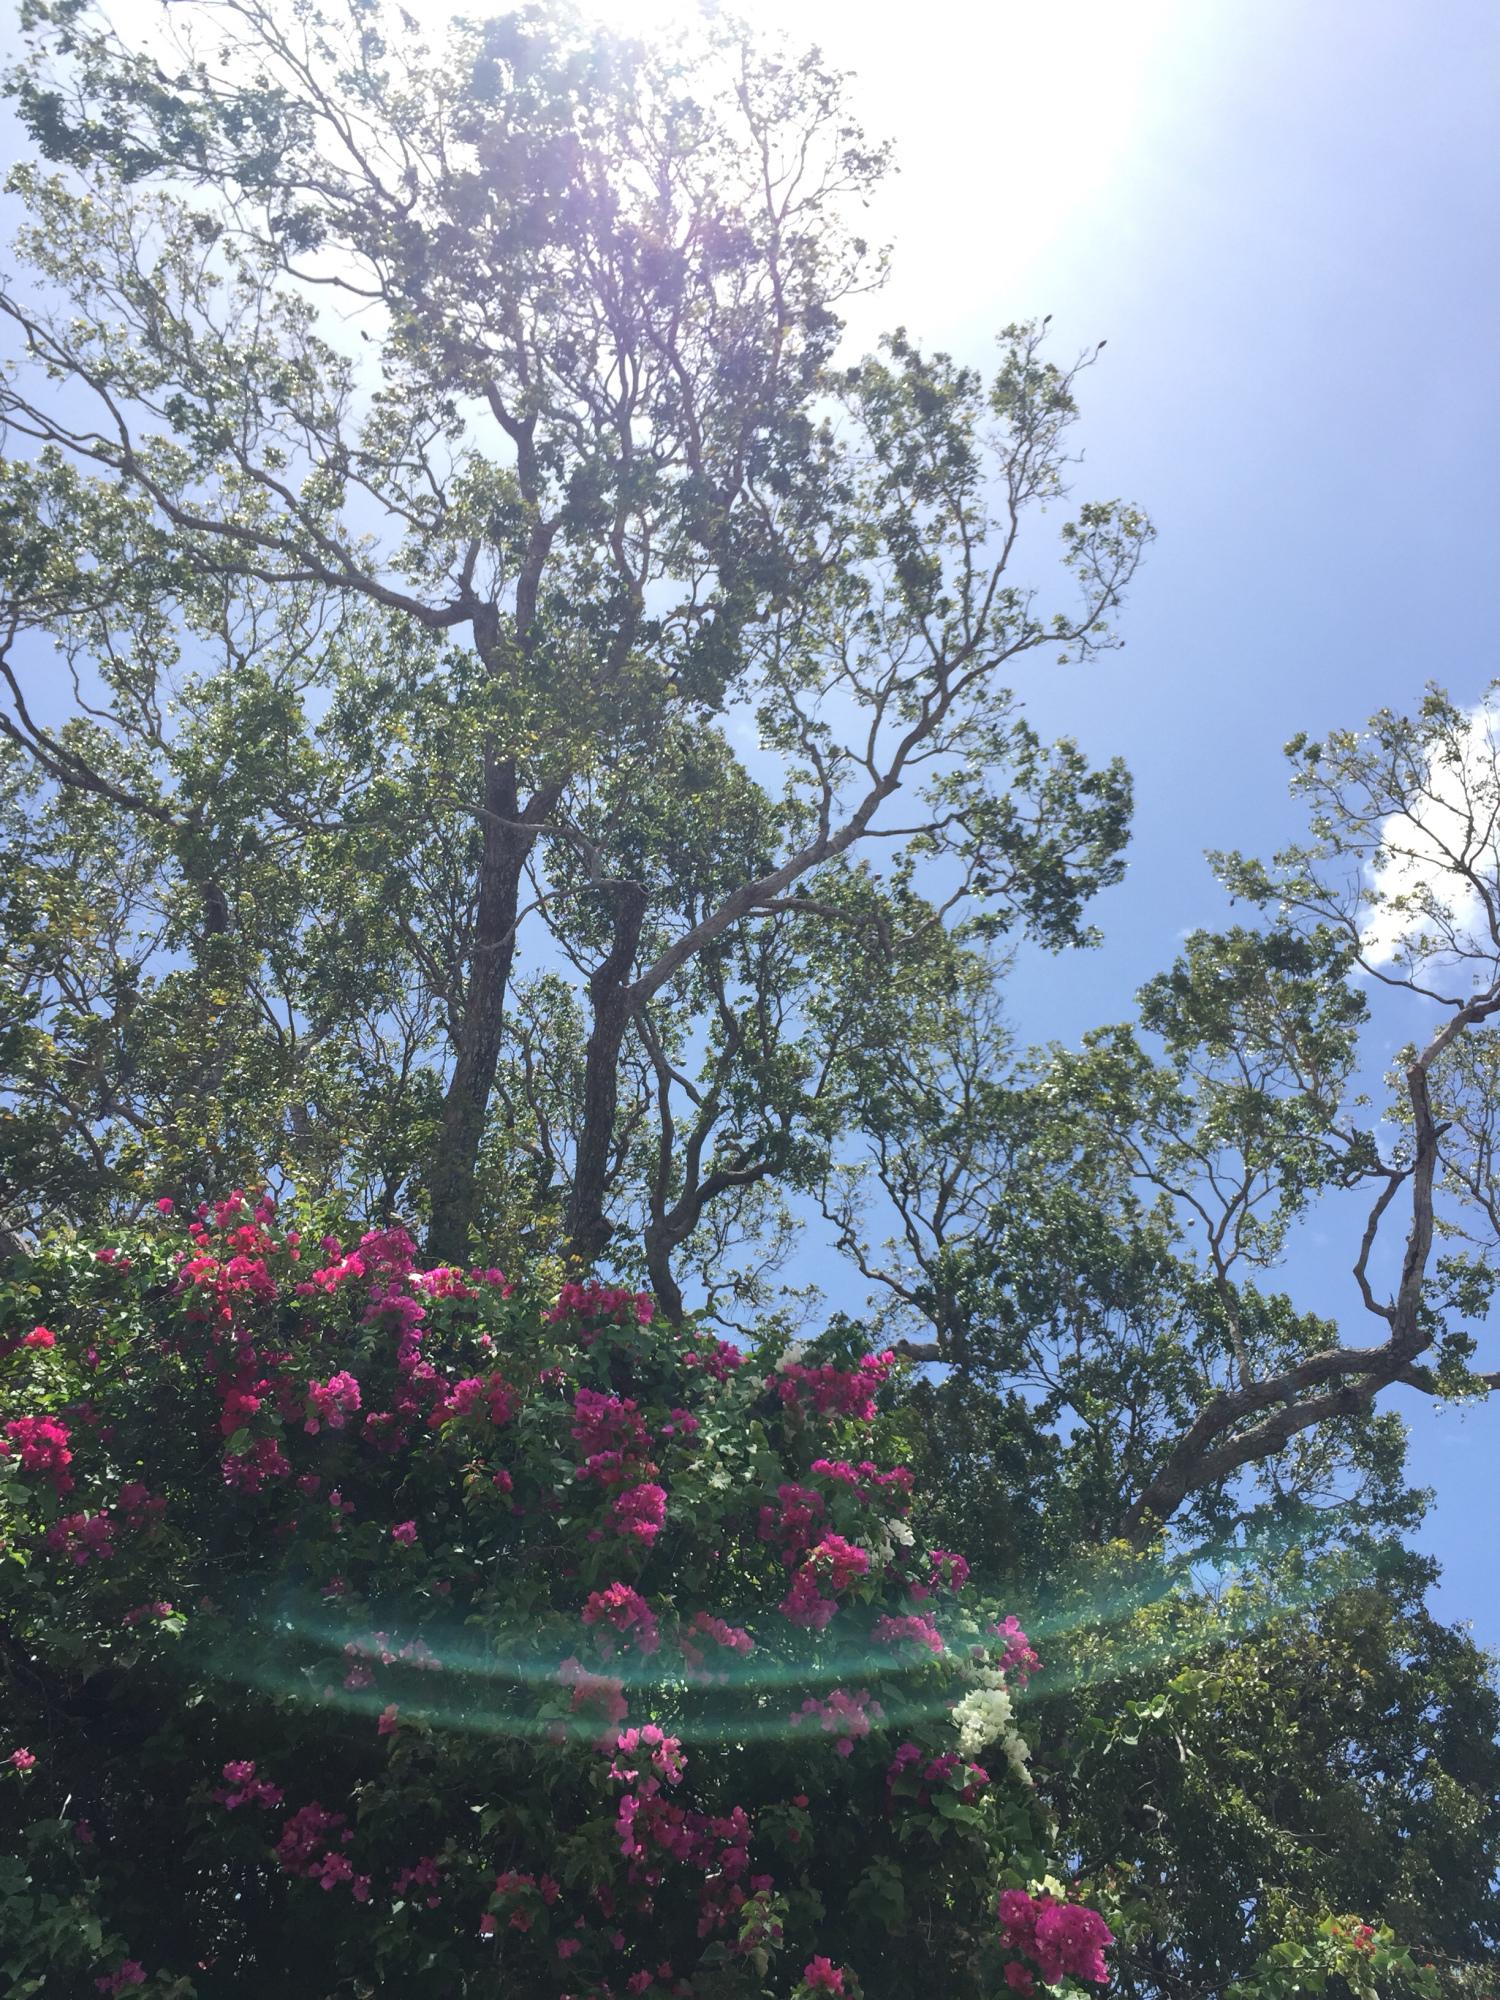 treeinlight